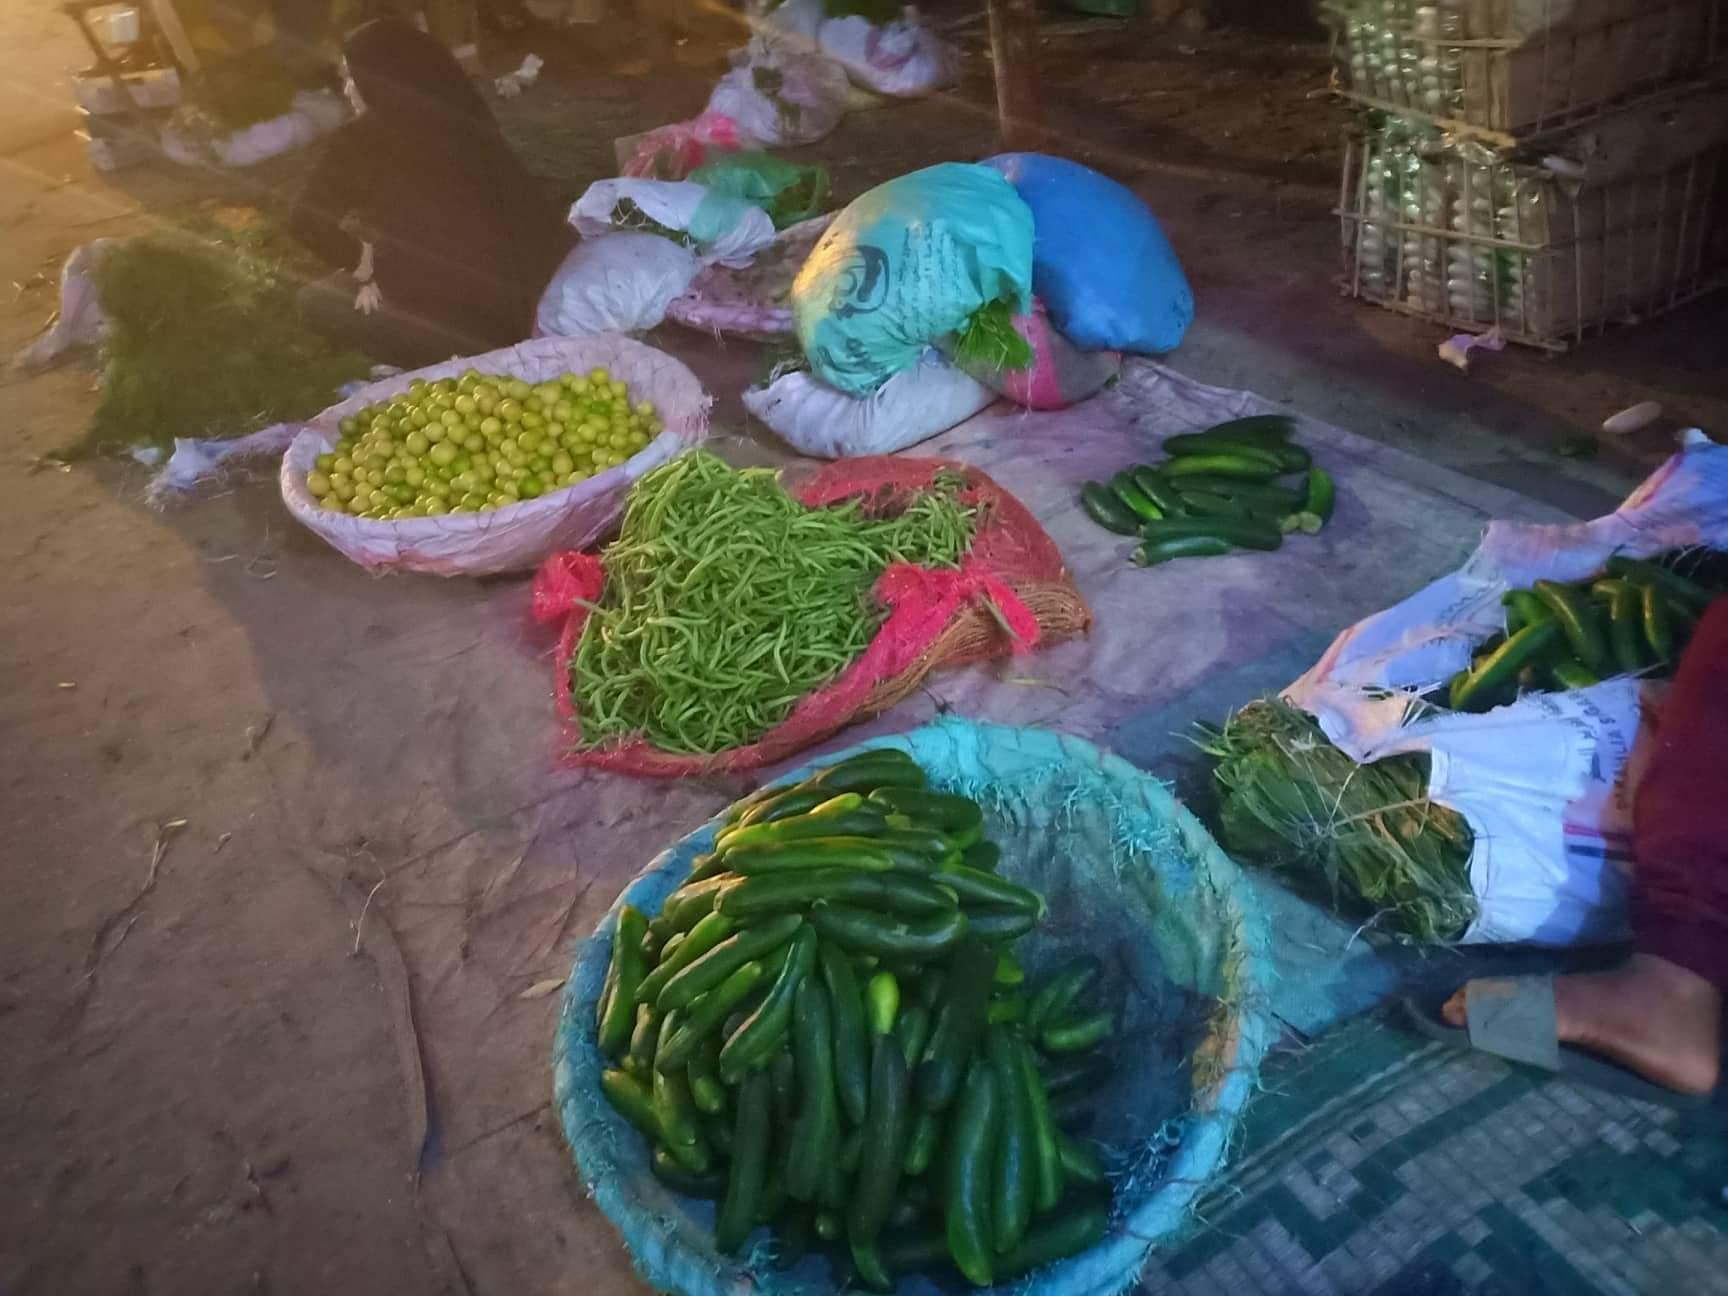 الخضروات بأسواق القليوبية بعد انخفاضها (3)